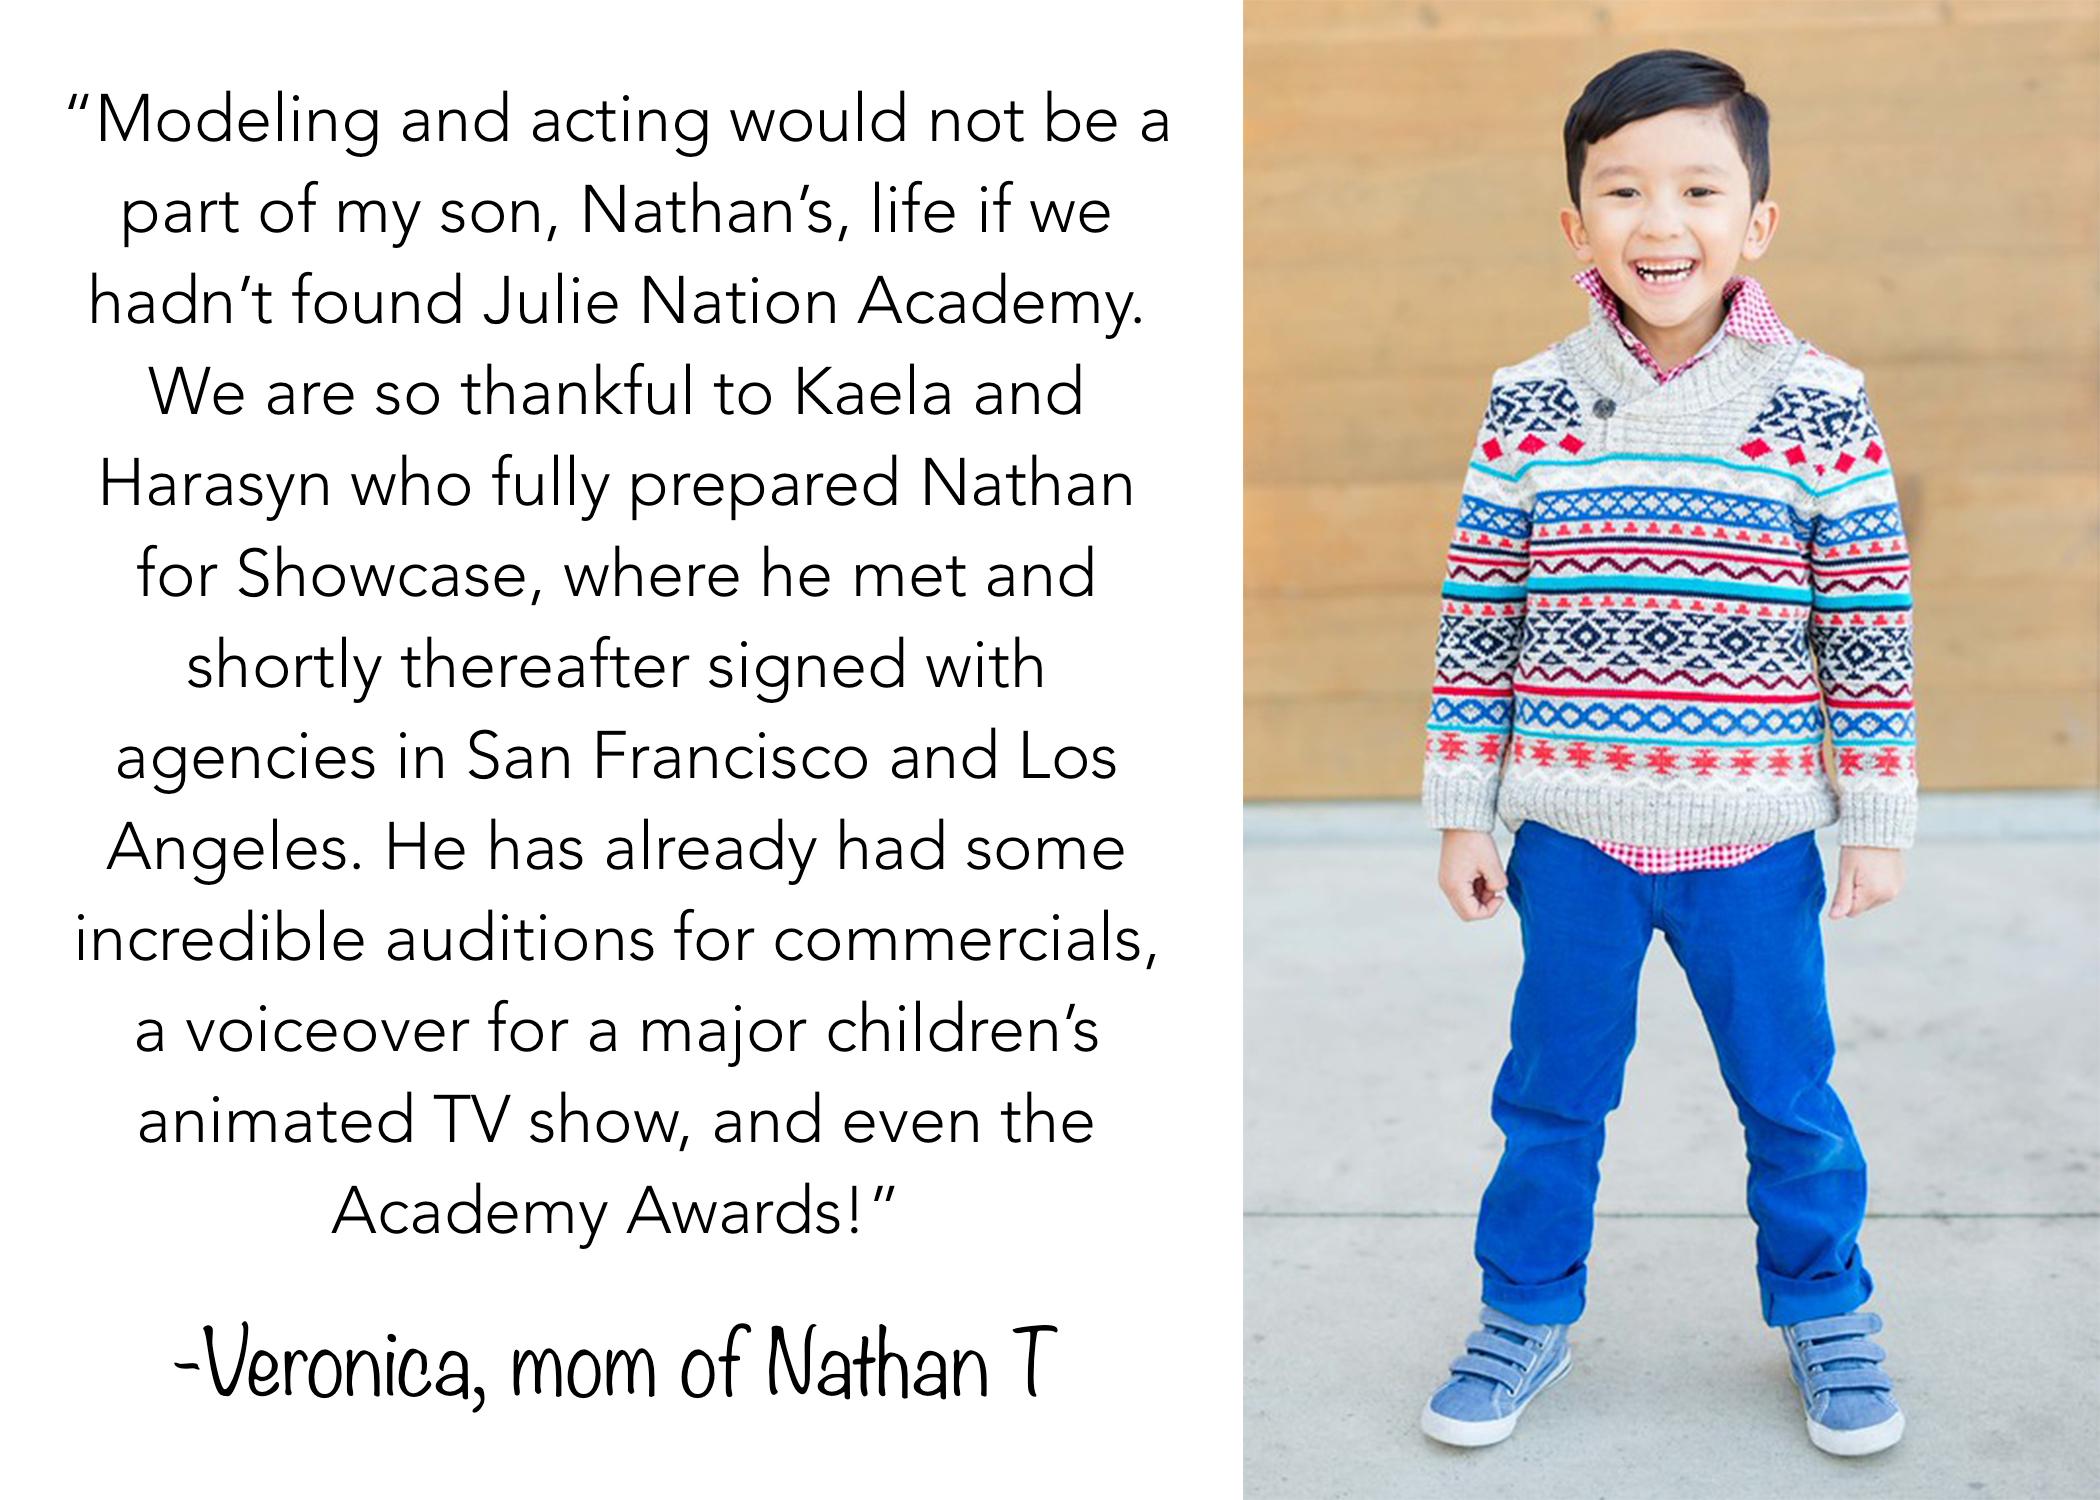 Nathan-Veronica